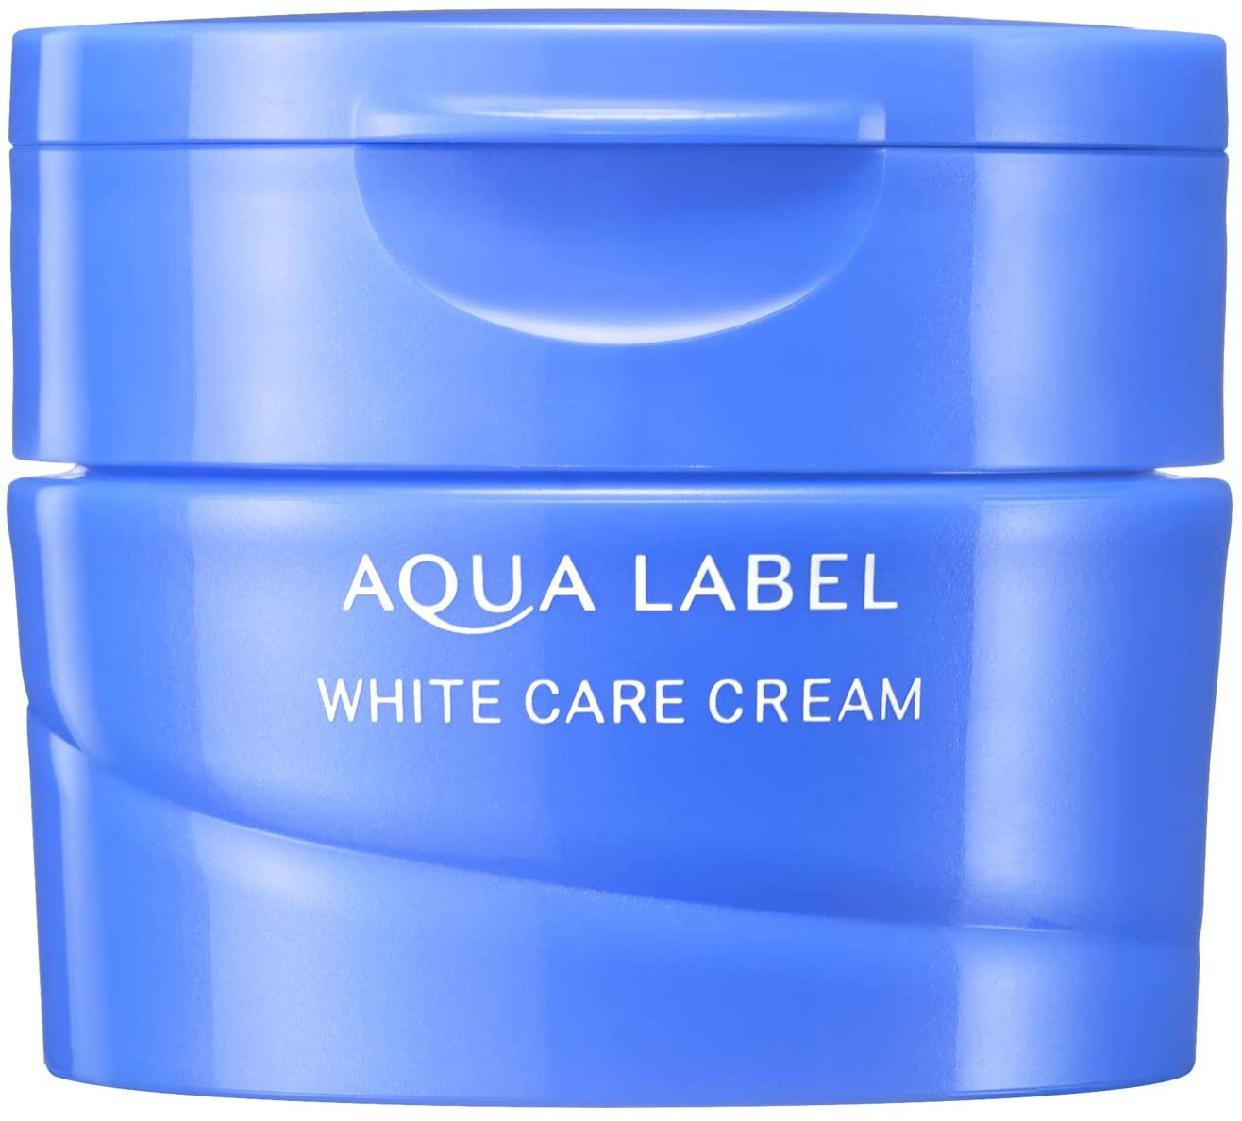 AQUALABEL(アクアレーベル)ホワイトケア クリームの商品画像6